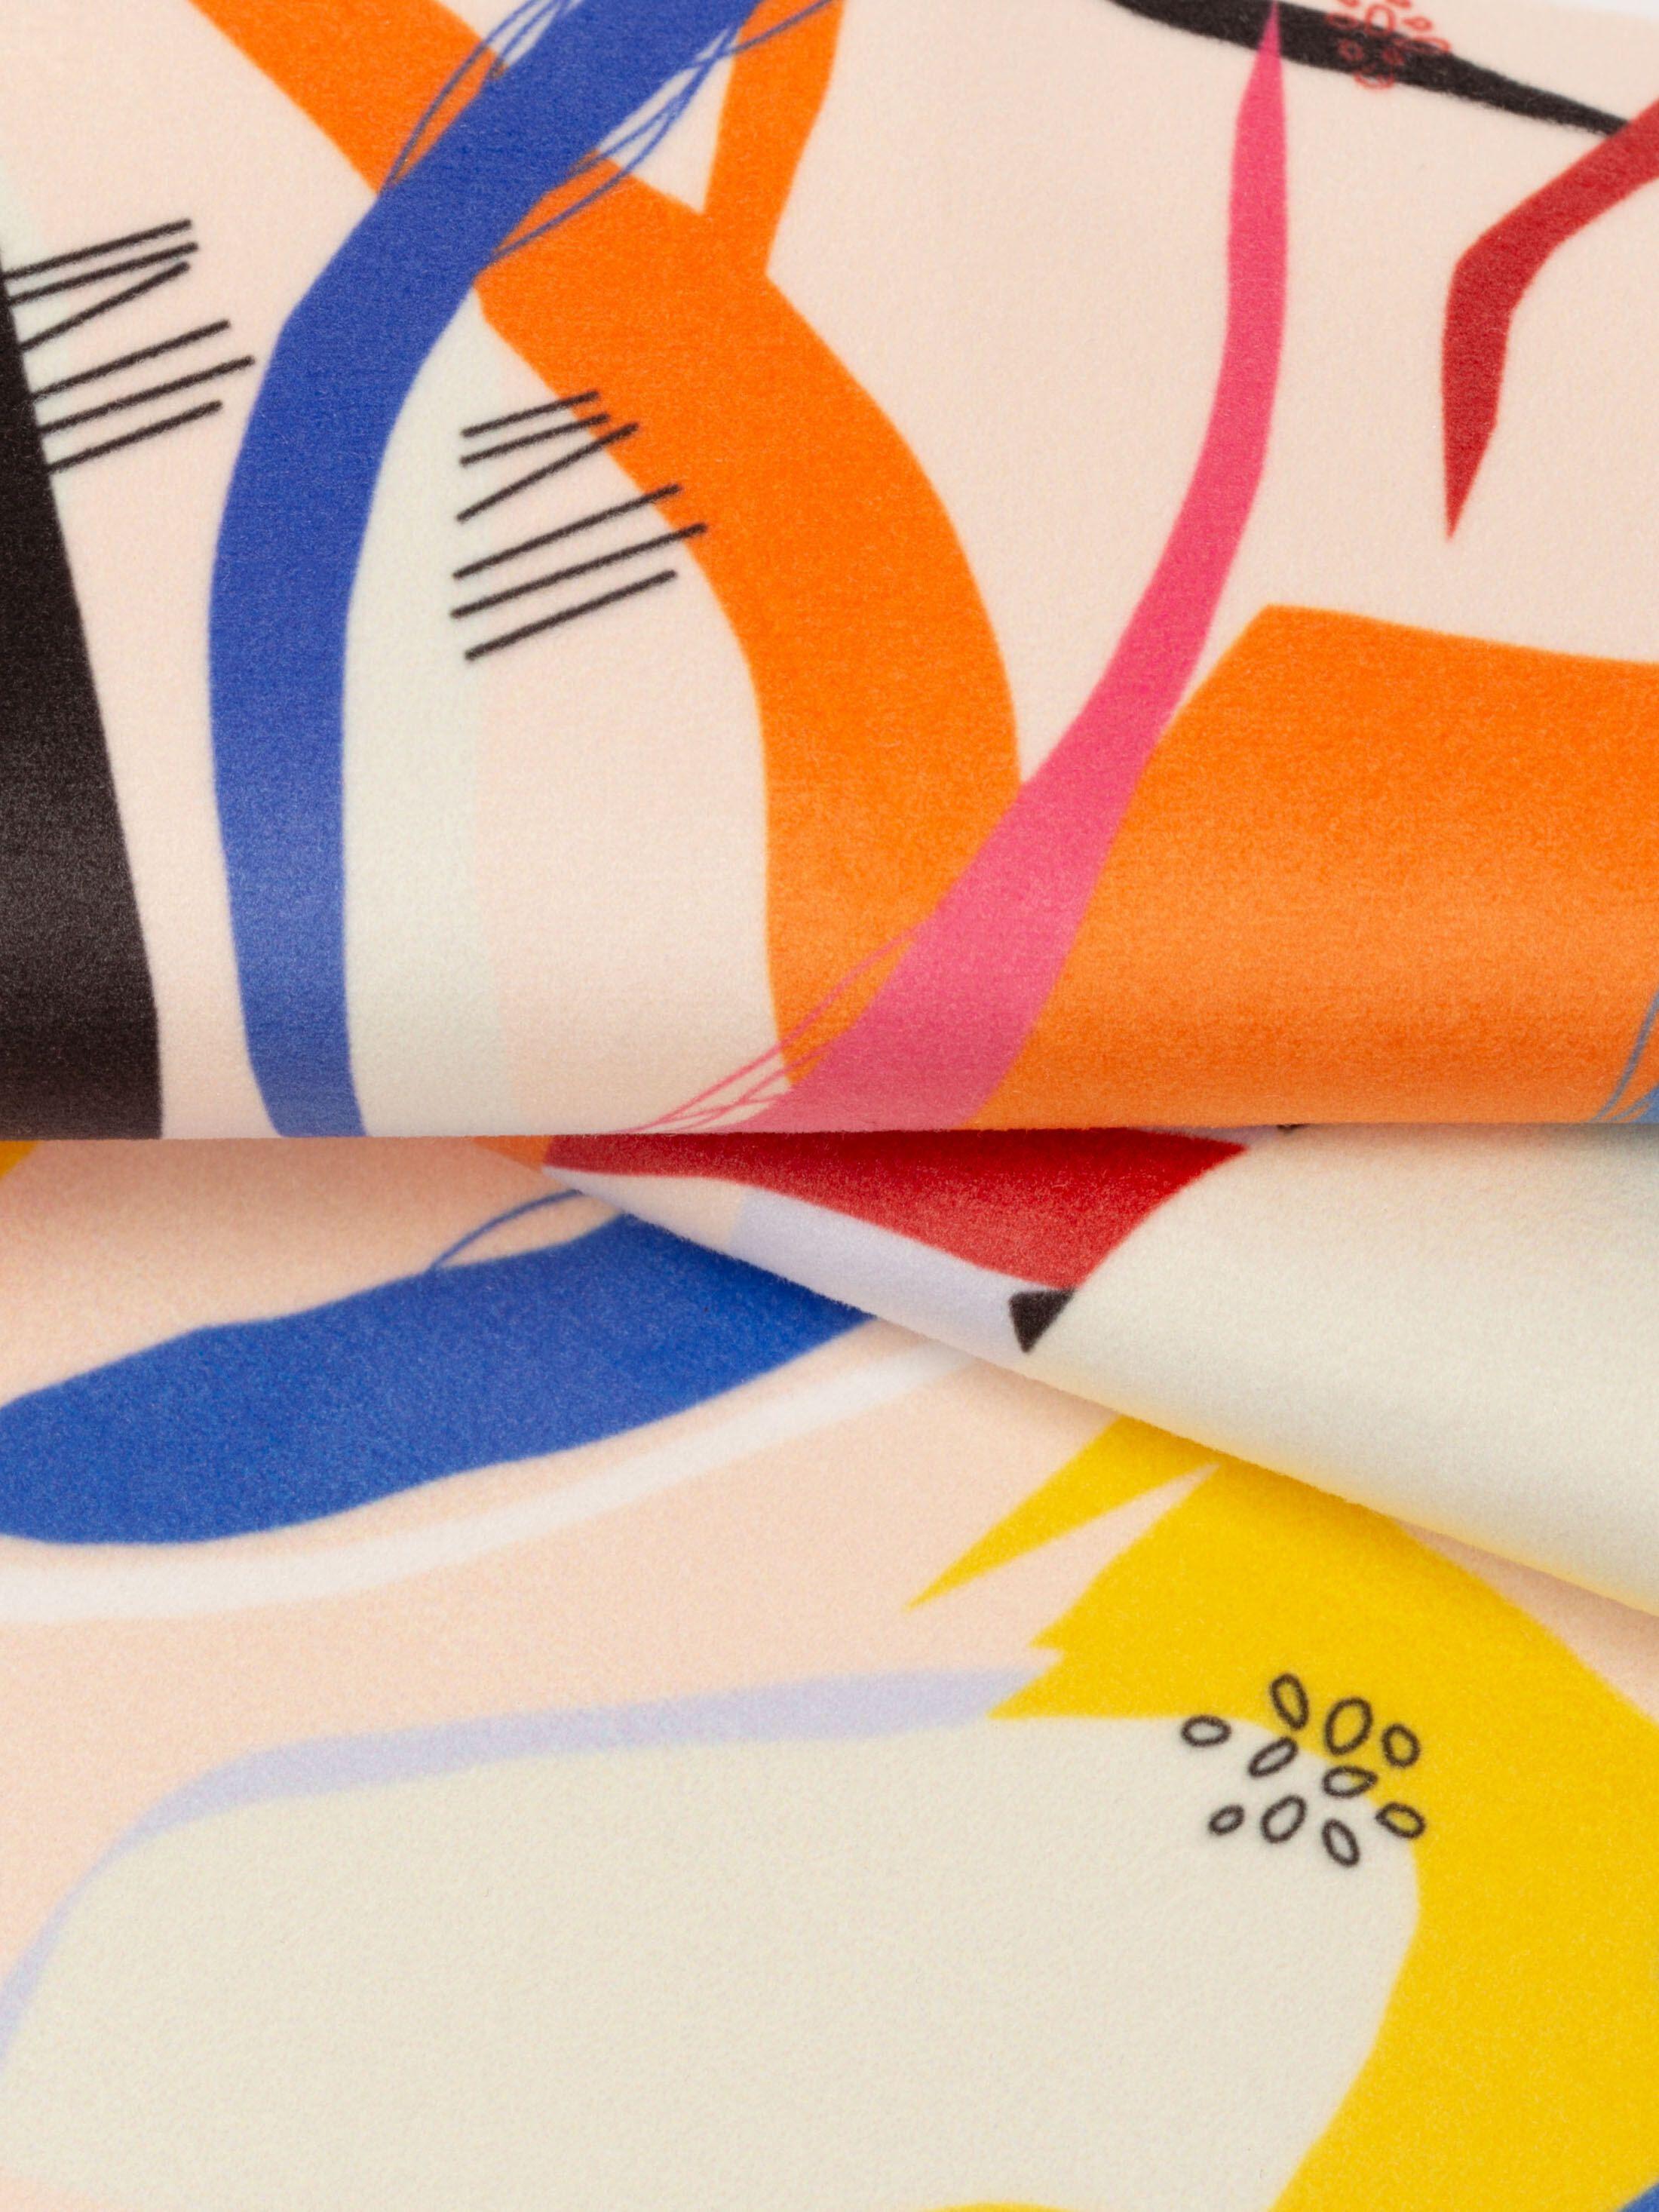 velvet-like upholstery fabric